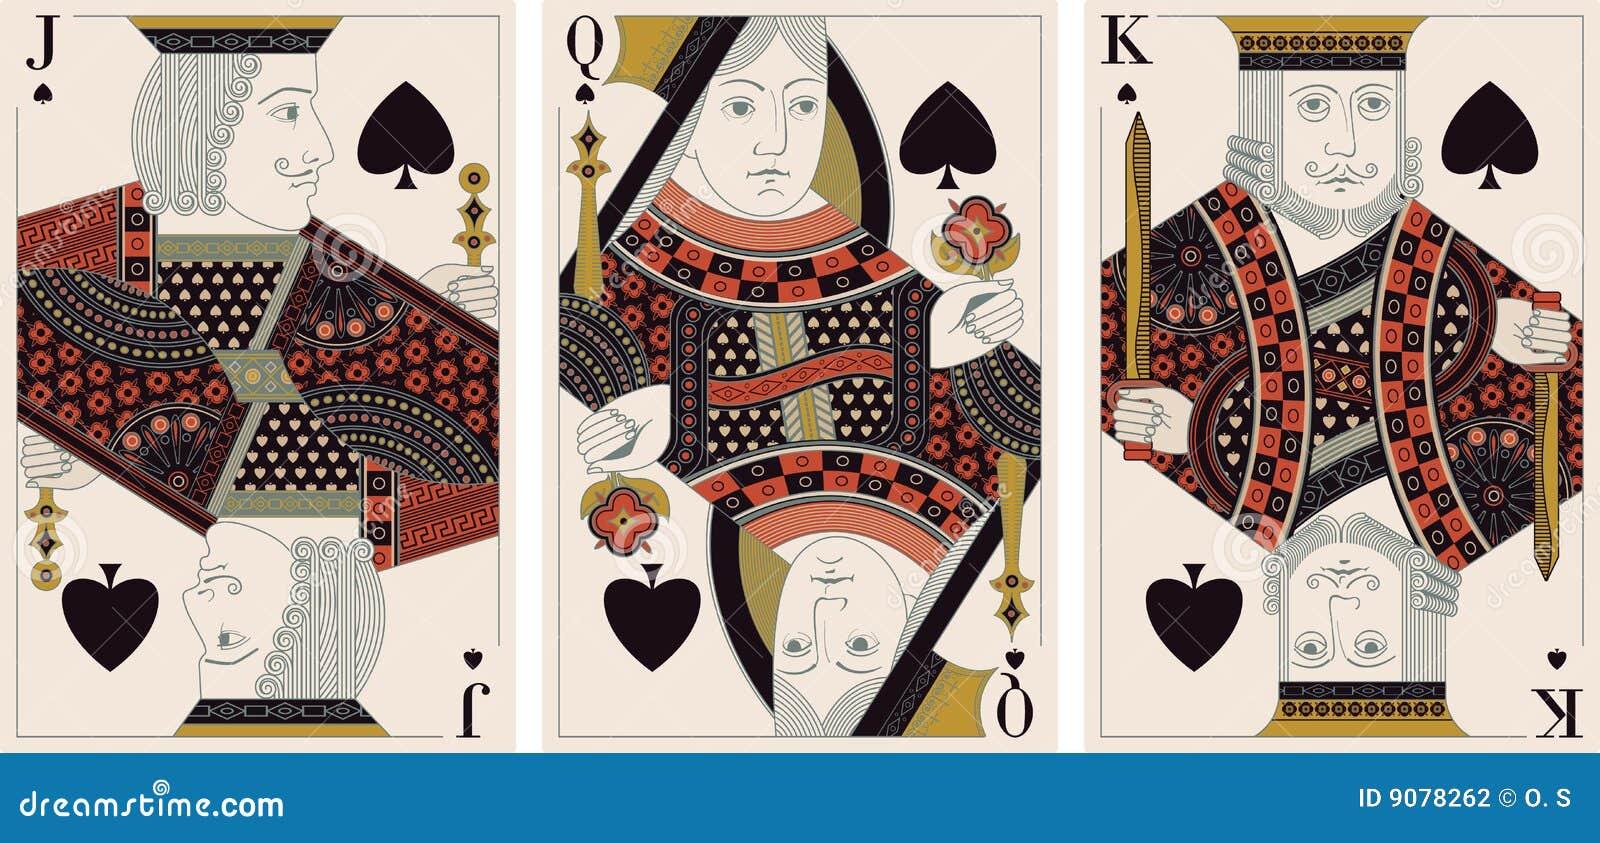 King Queen Jack